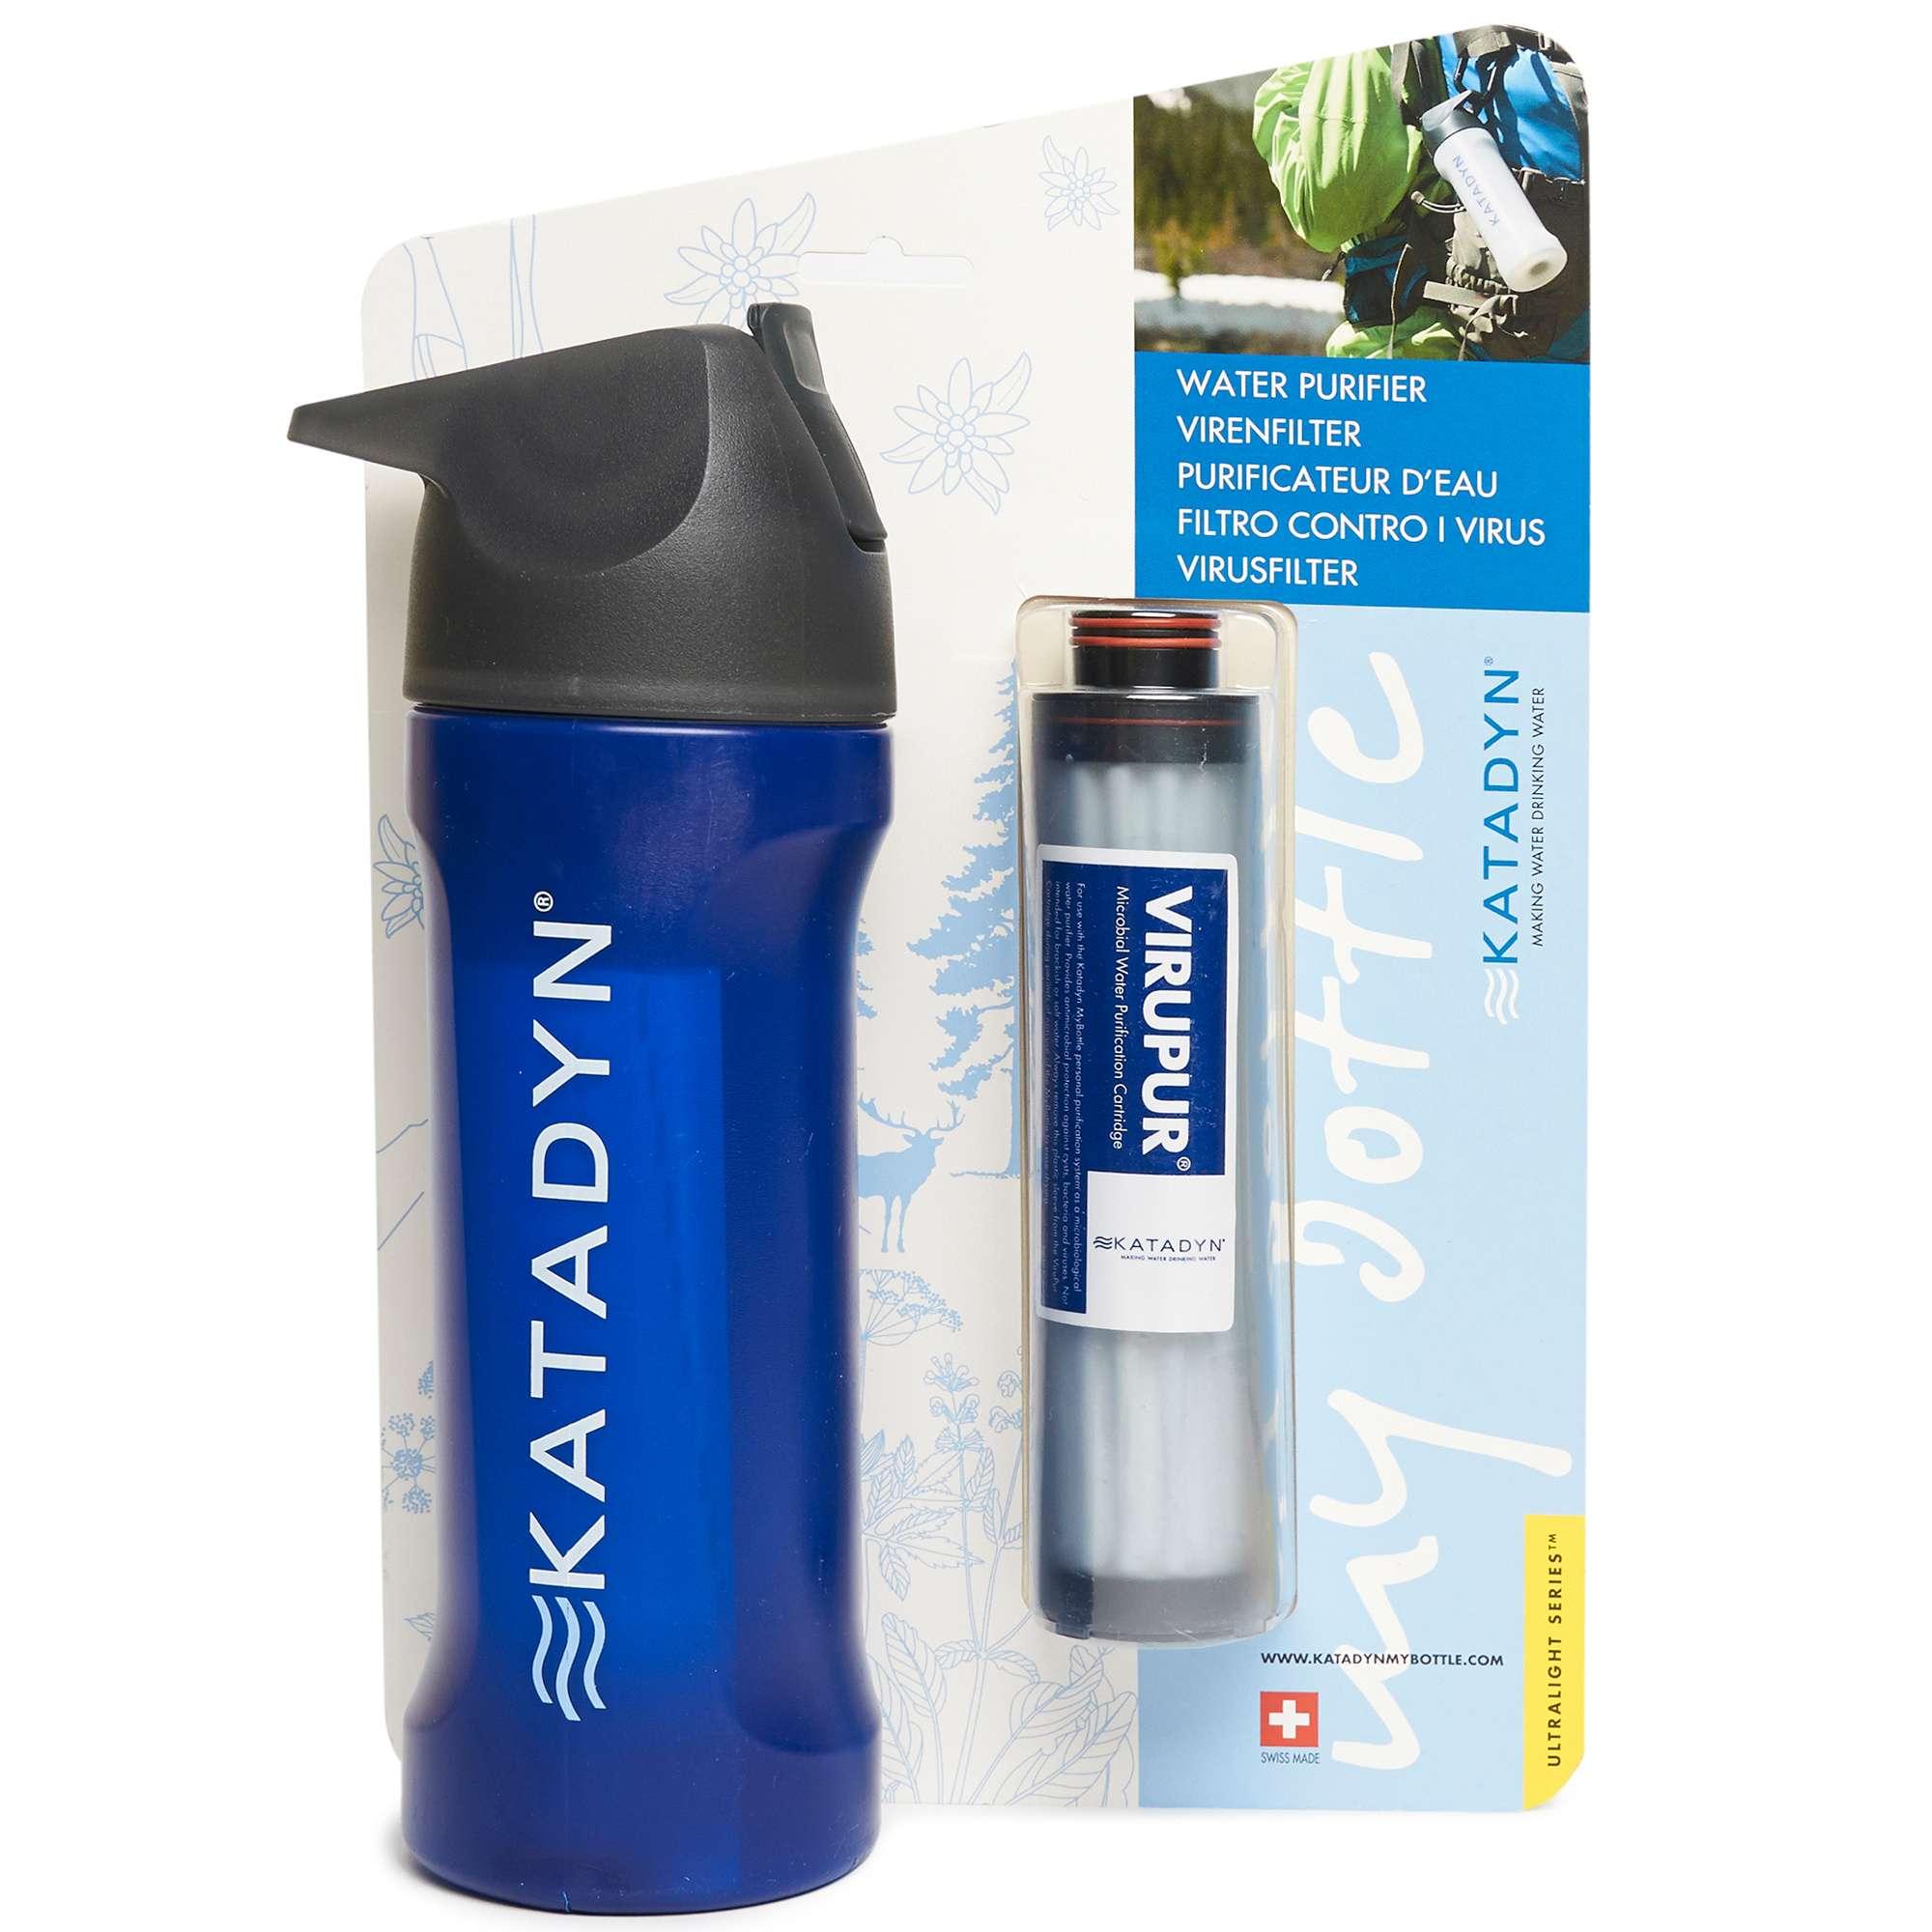 KATADYN MyBottle Water Purifier